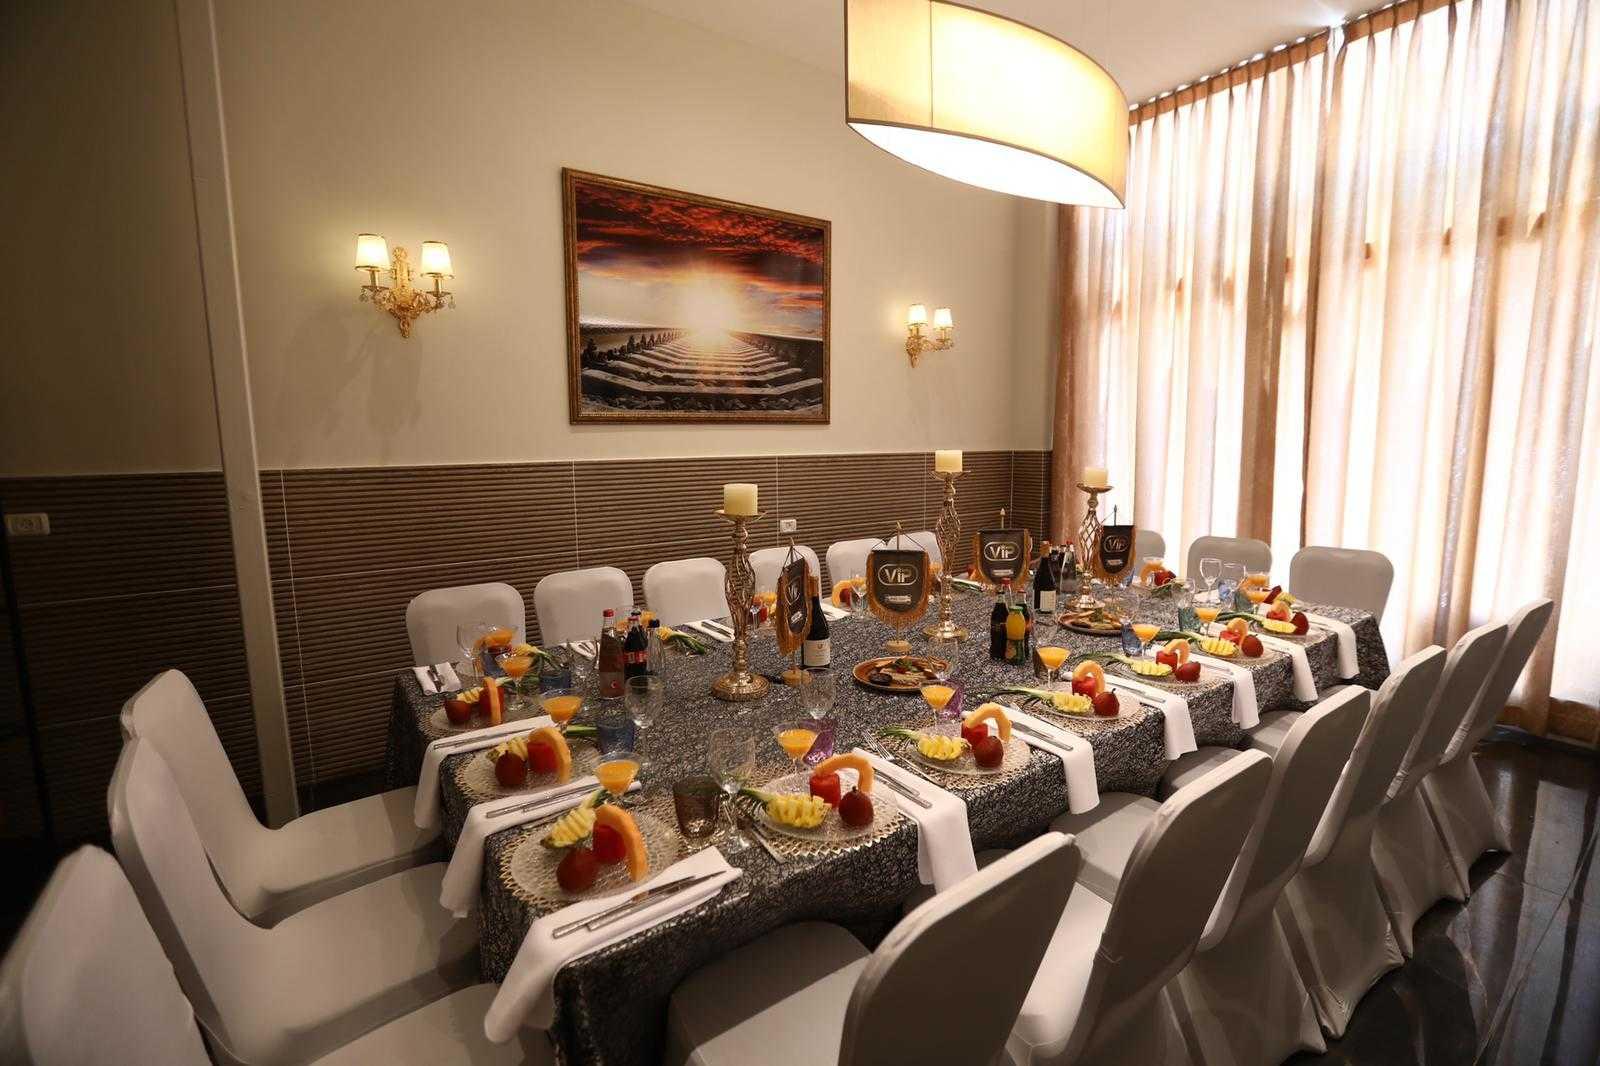 סיקור מצולם: עיתונאים חרדים באירוע השקה לחדר VIP במסעדה היהודית 8